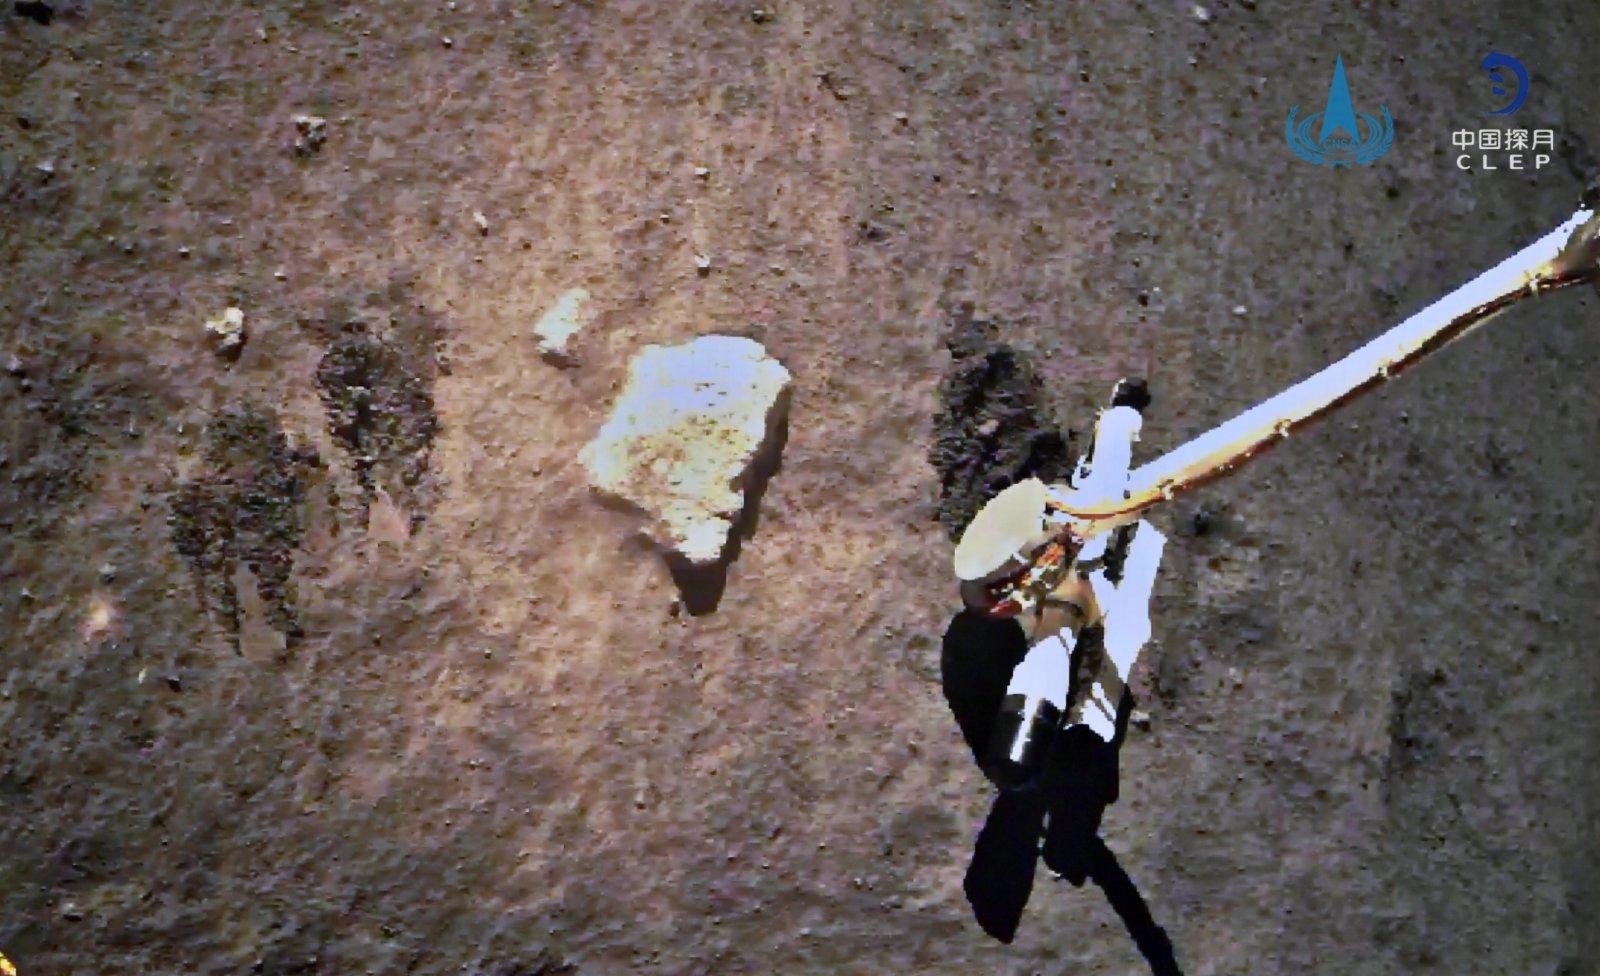 圖為嫦娥五號探測器在月球表面自動採樣。(國家航天局供圖)